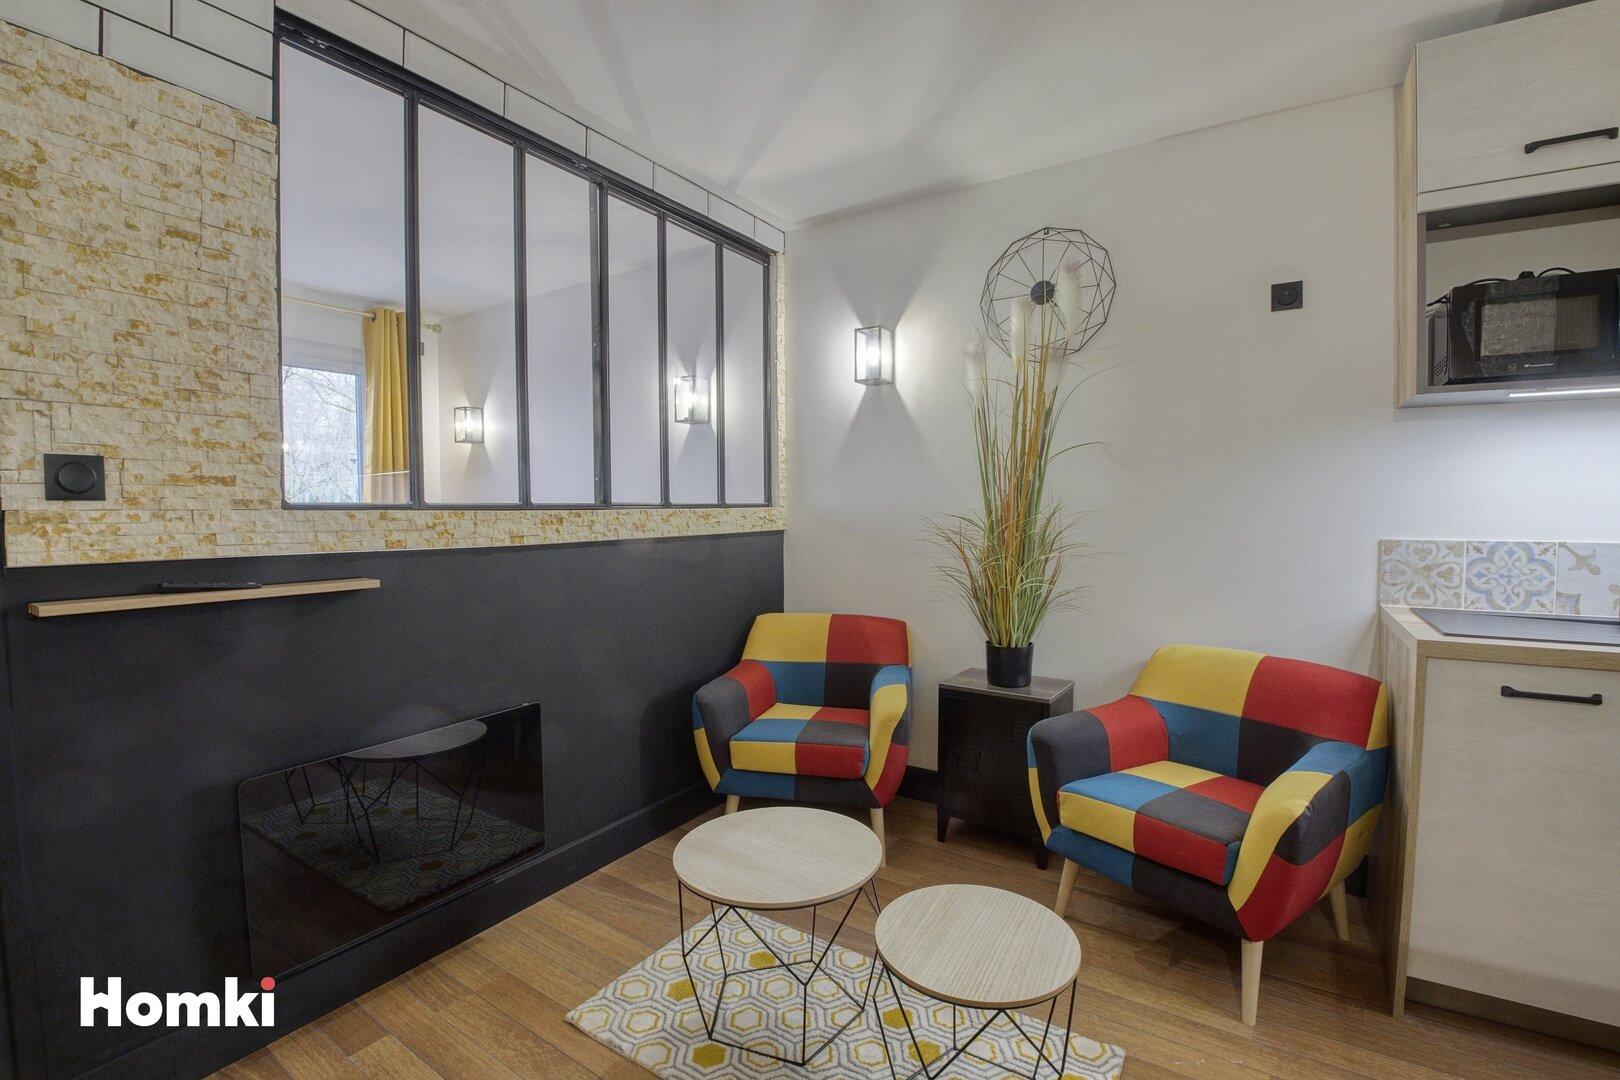 Homki - Vente Appartement  de 30.0 m² à Toulouse 31200